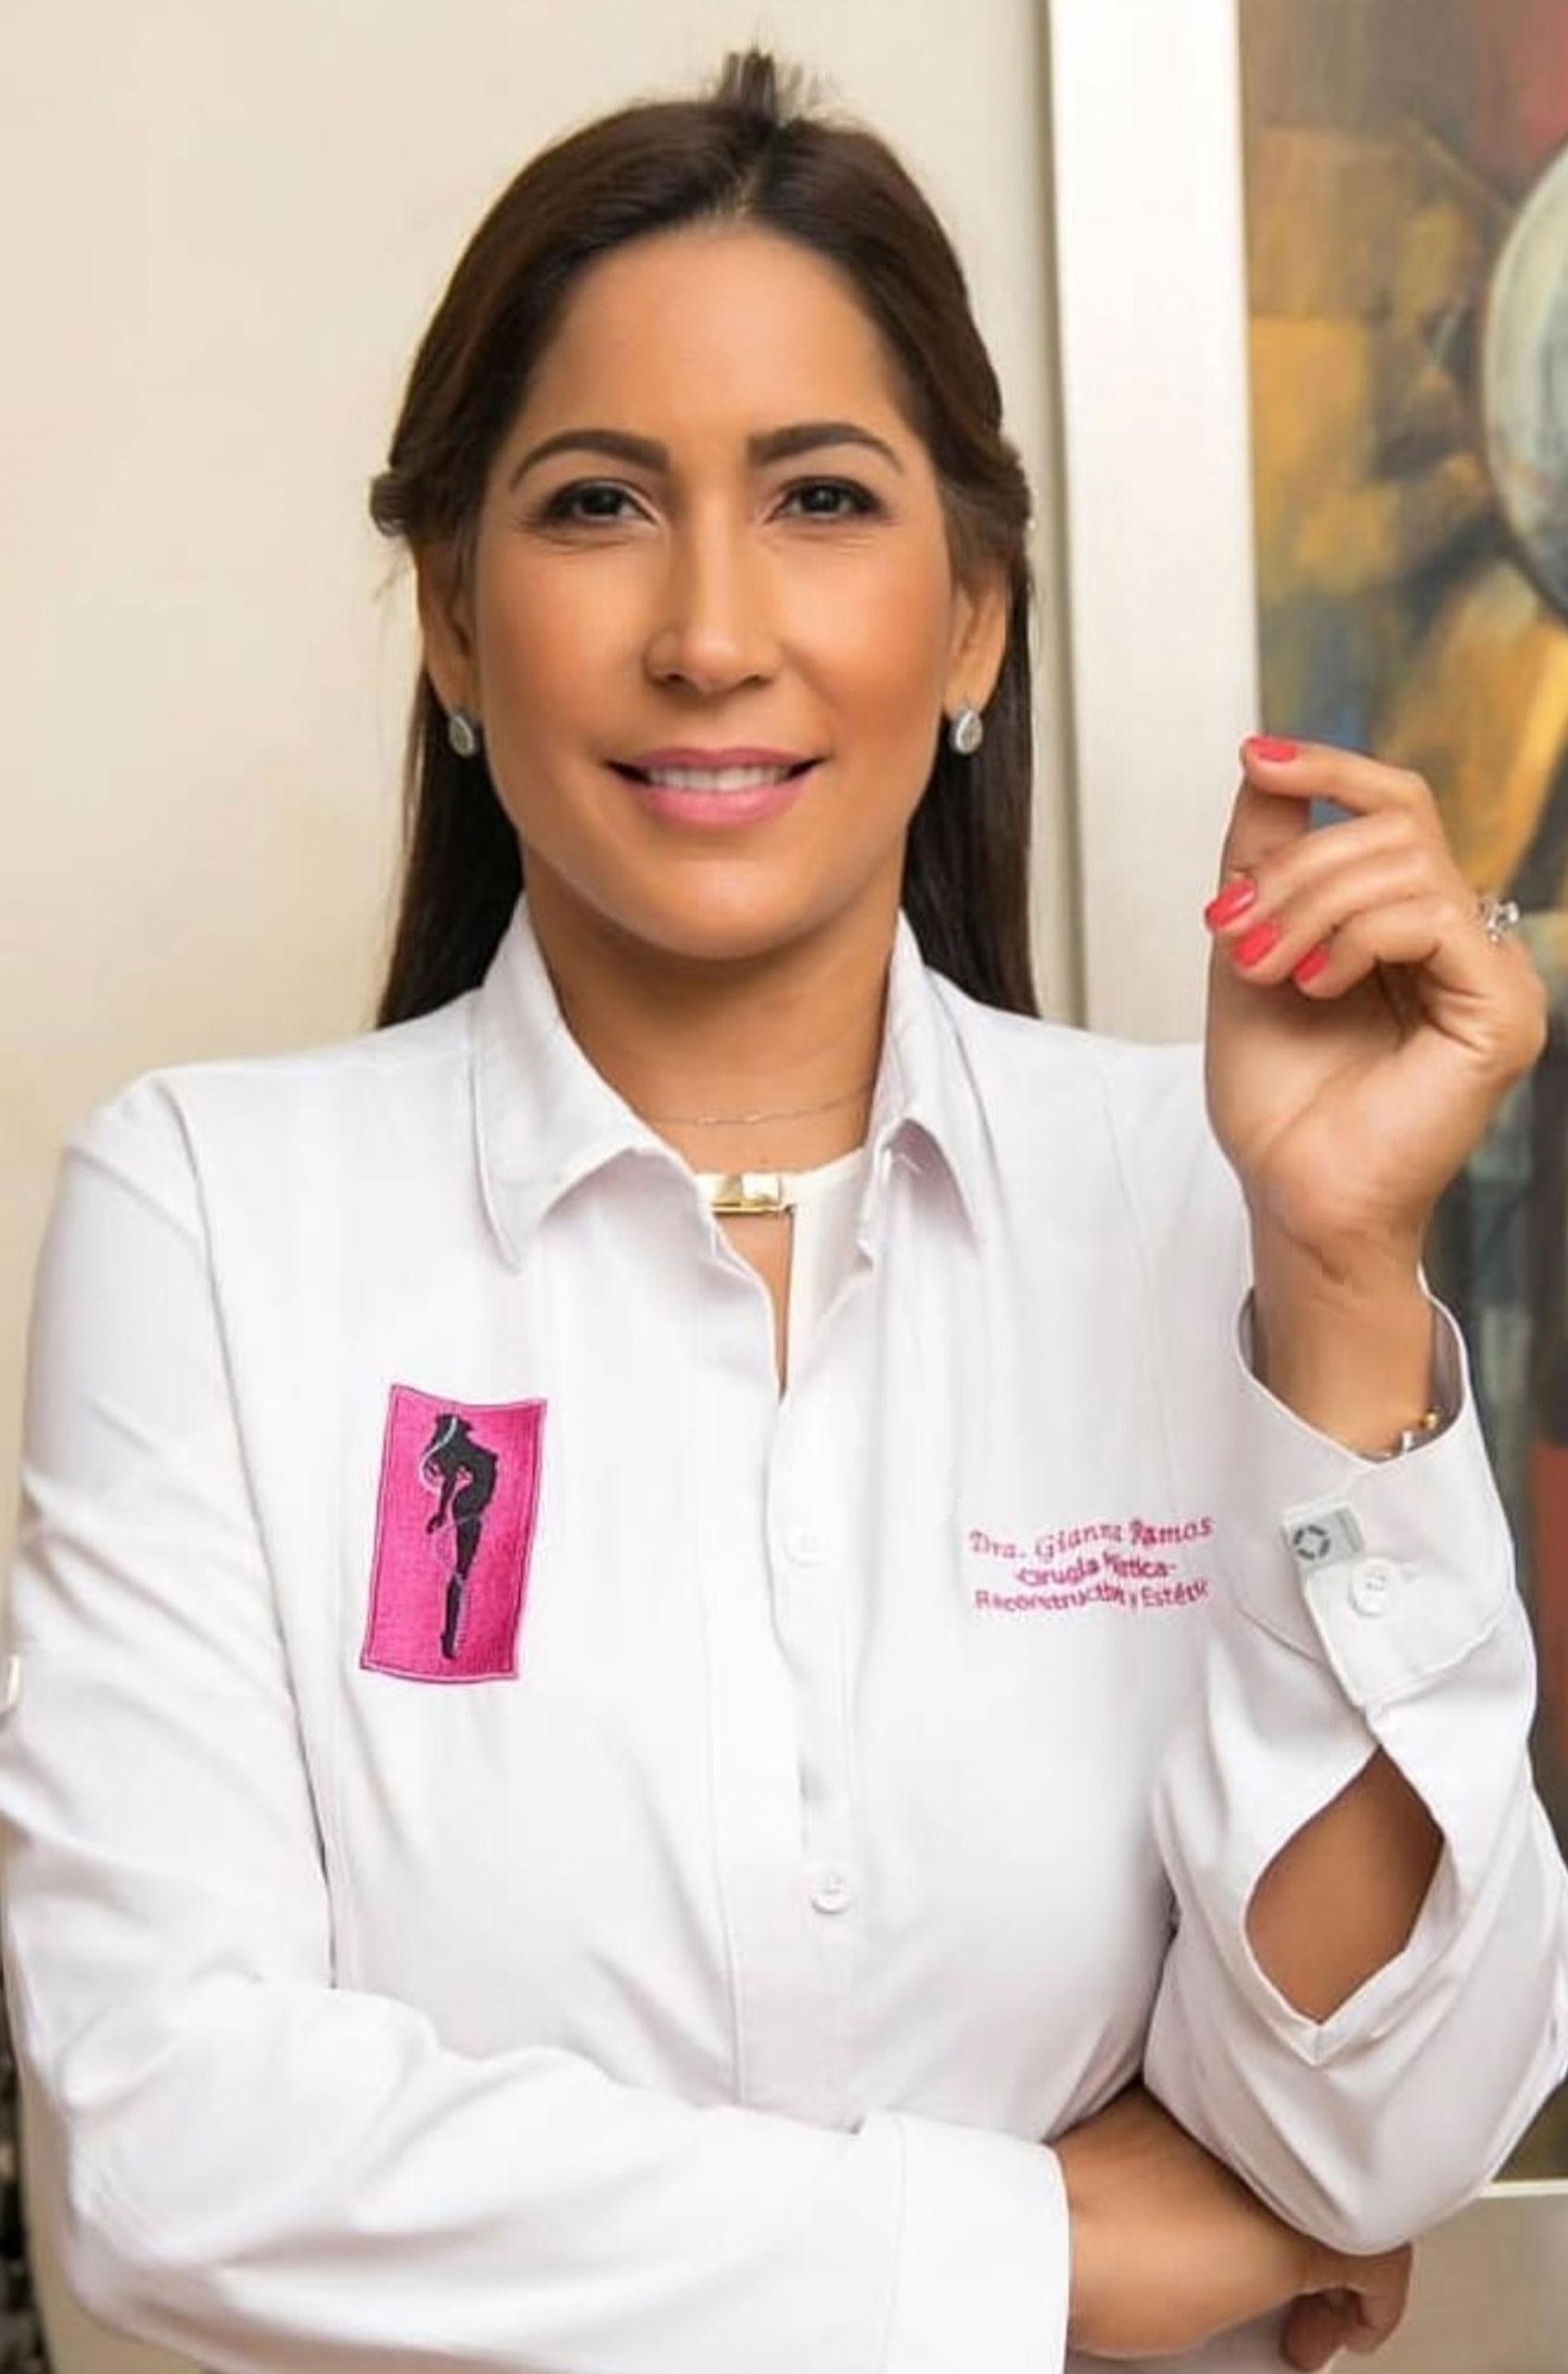 Gianna Ramos